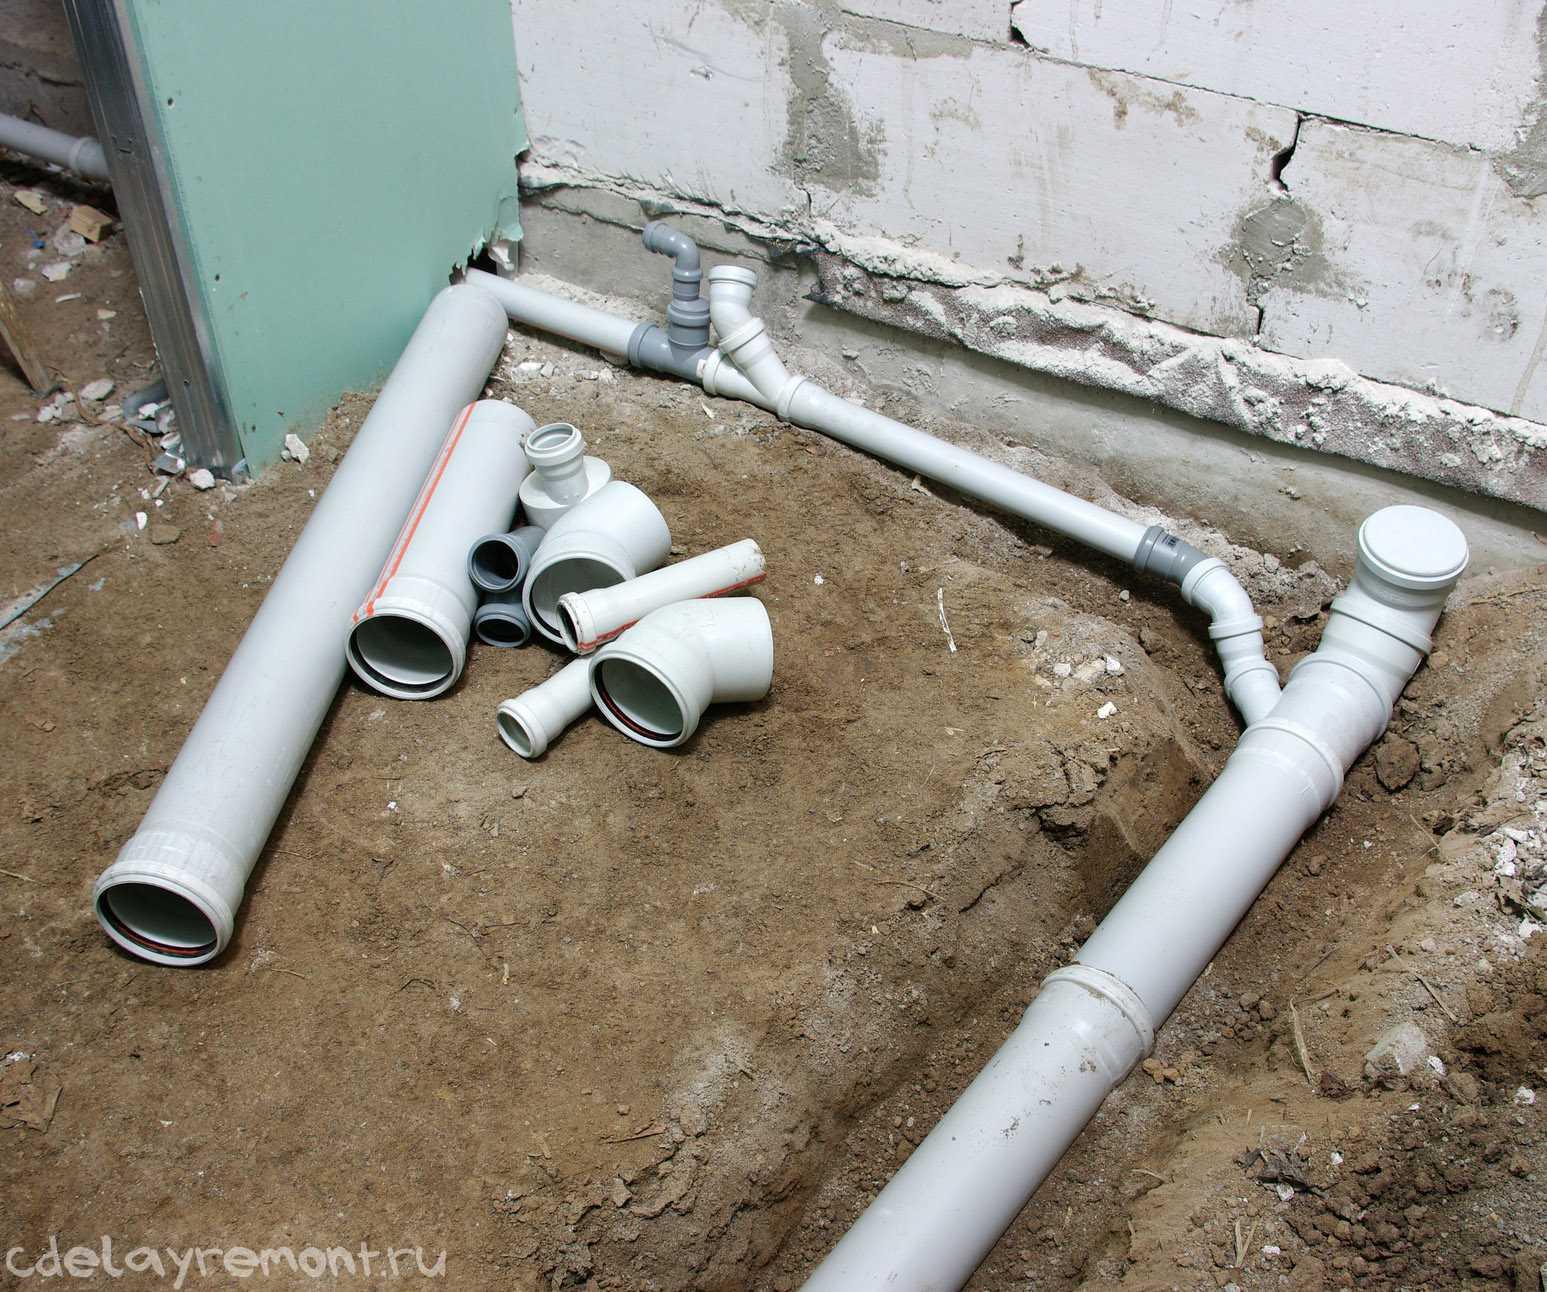 Трубы для канализации в частном доме своими